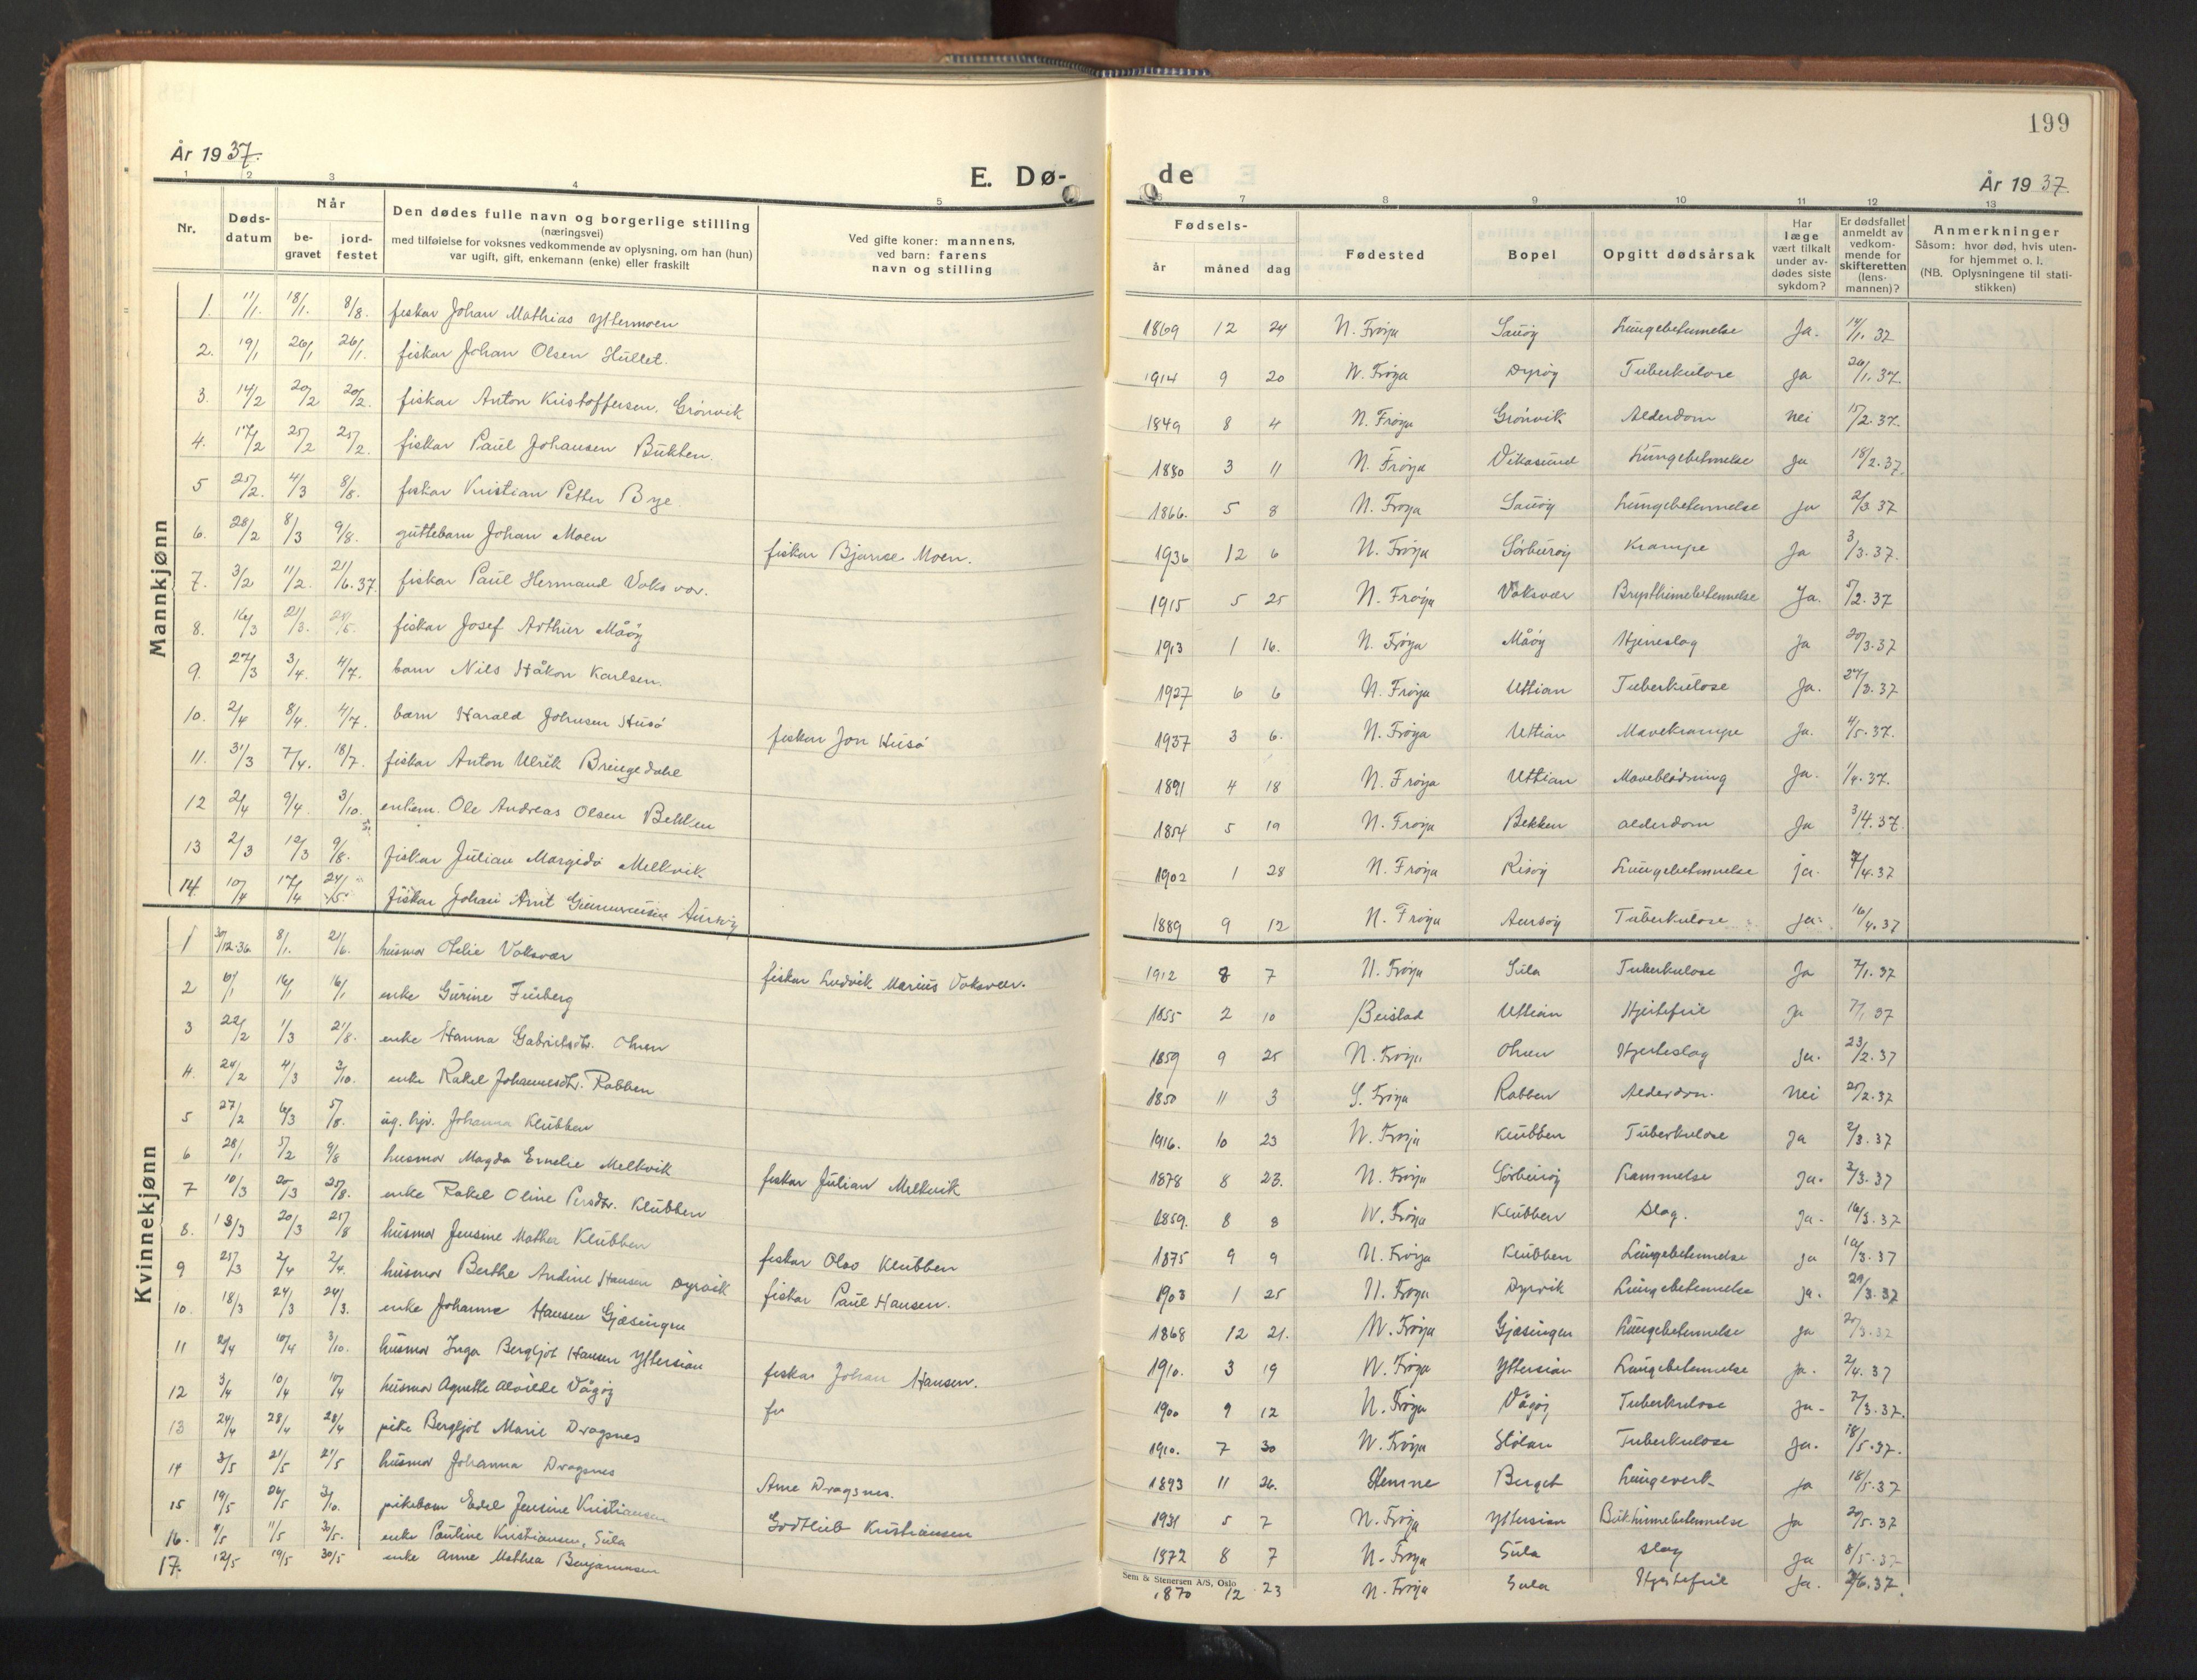 SAT, Ministerialprotokoller, klokkerbøker og fødselsregistre - Sør-Trøndelag, 640/L0590: Klokkerbok nr. 640C07, 1935-1948, s. 199